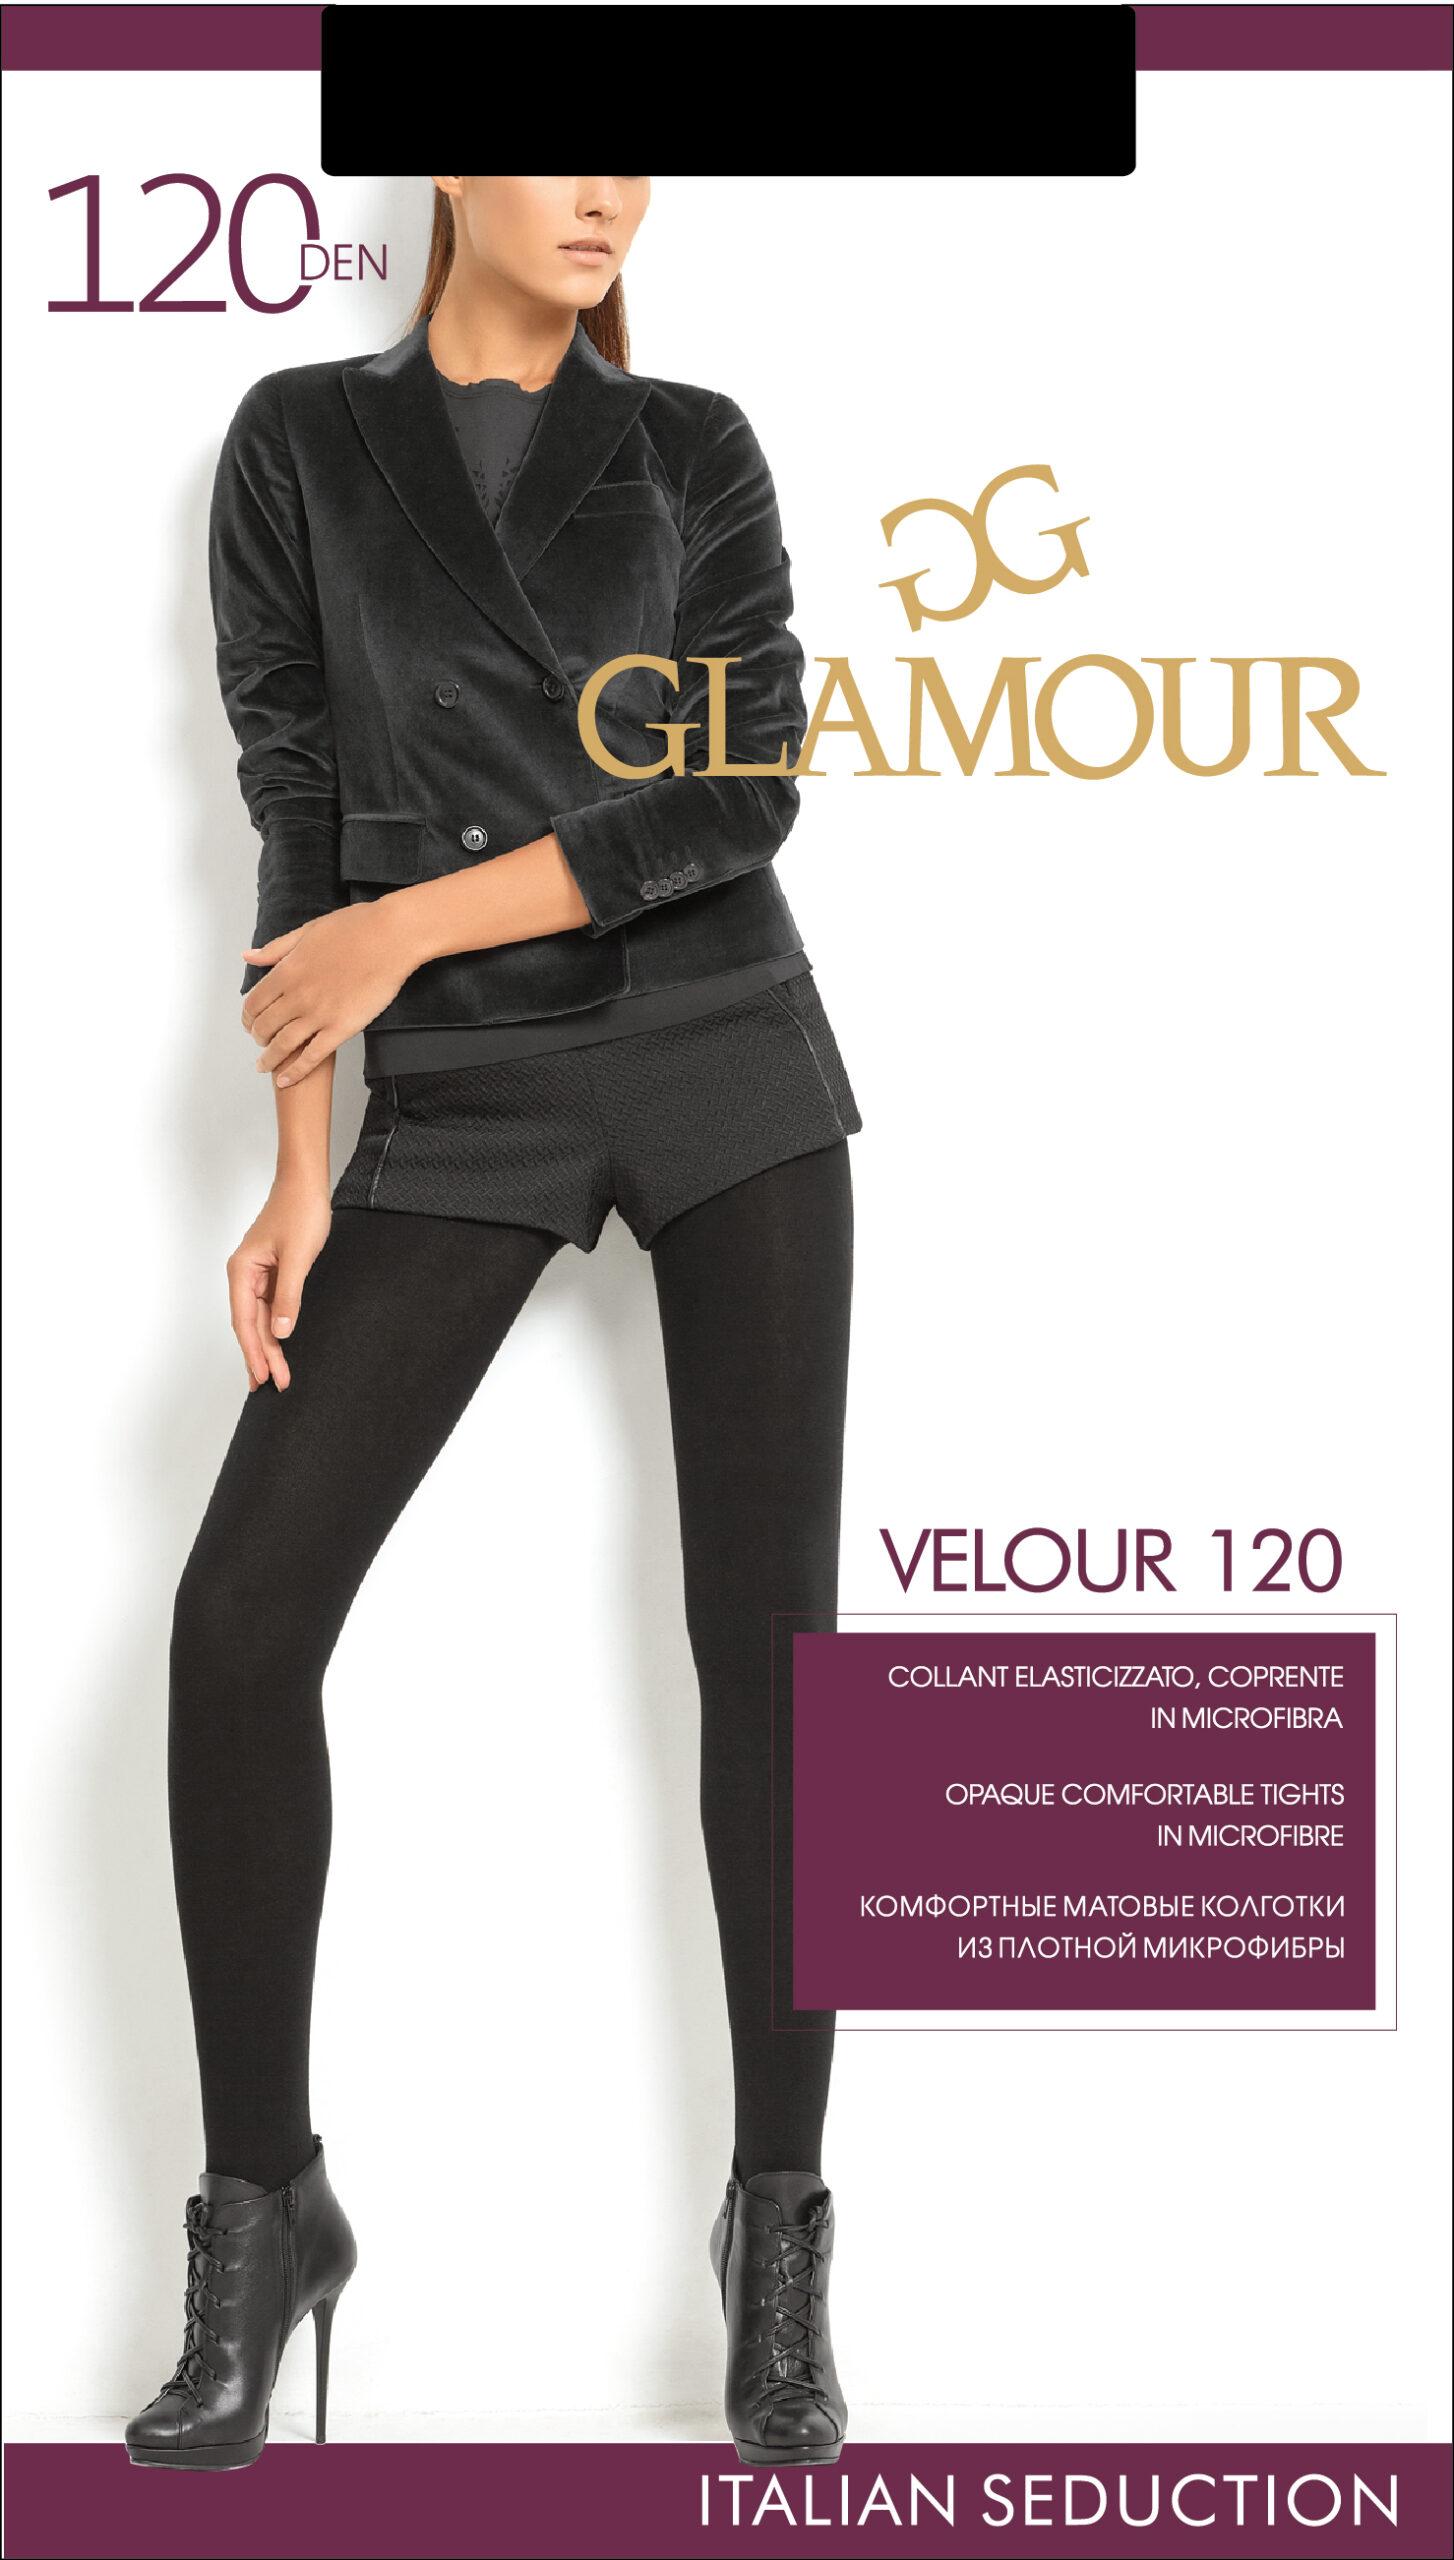 Колготки Glamour Velour 120 ден